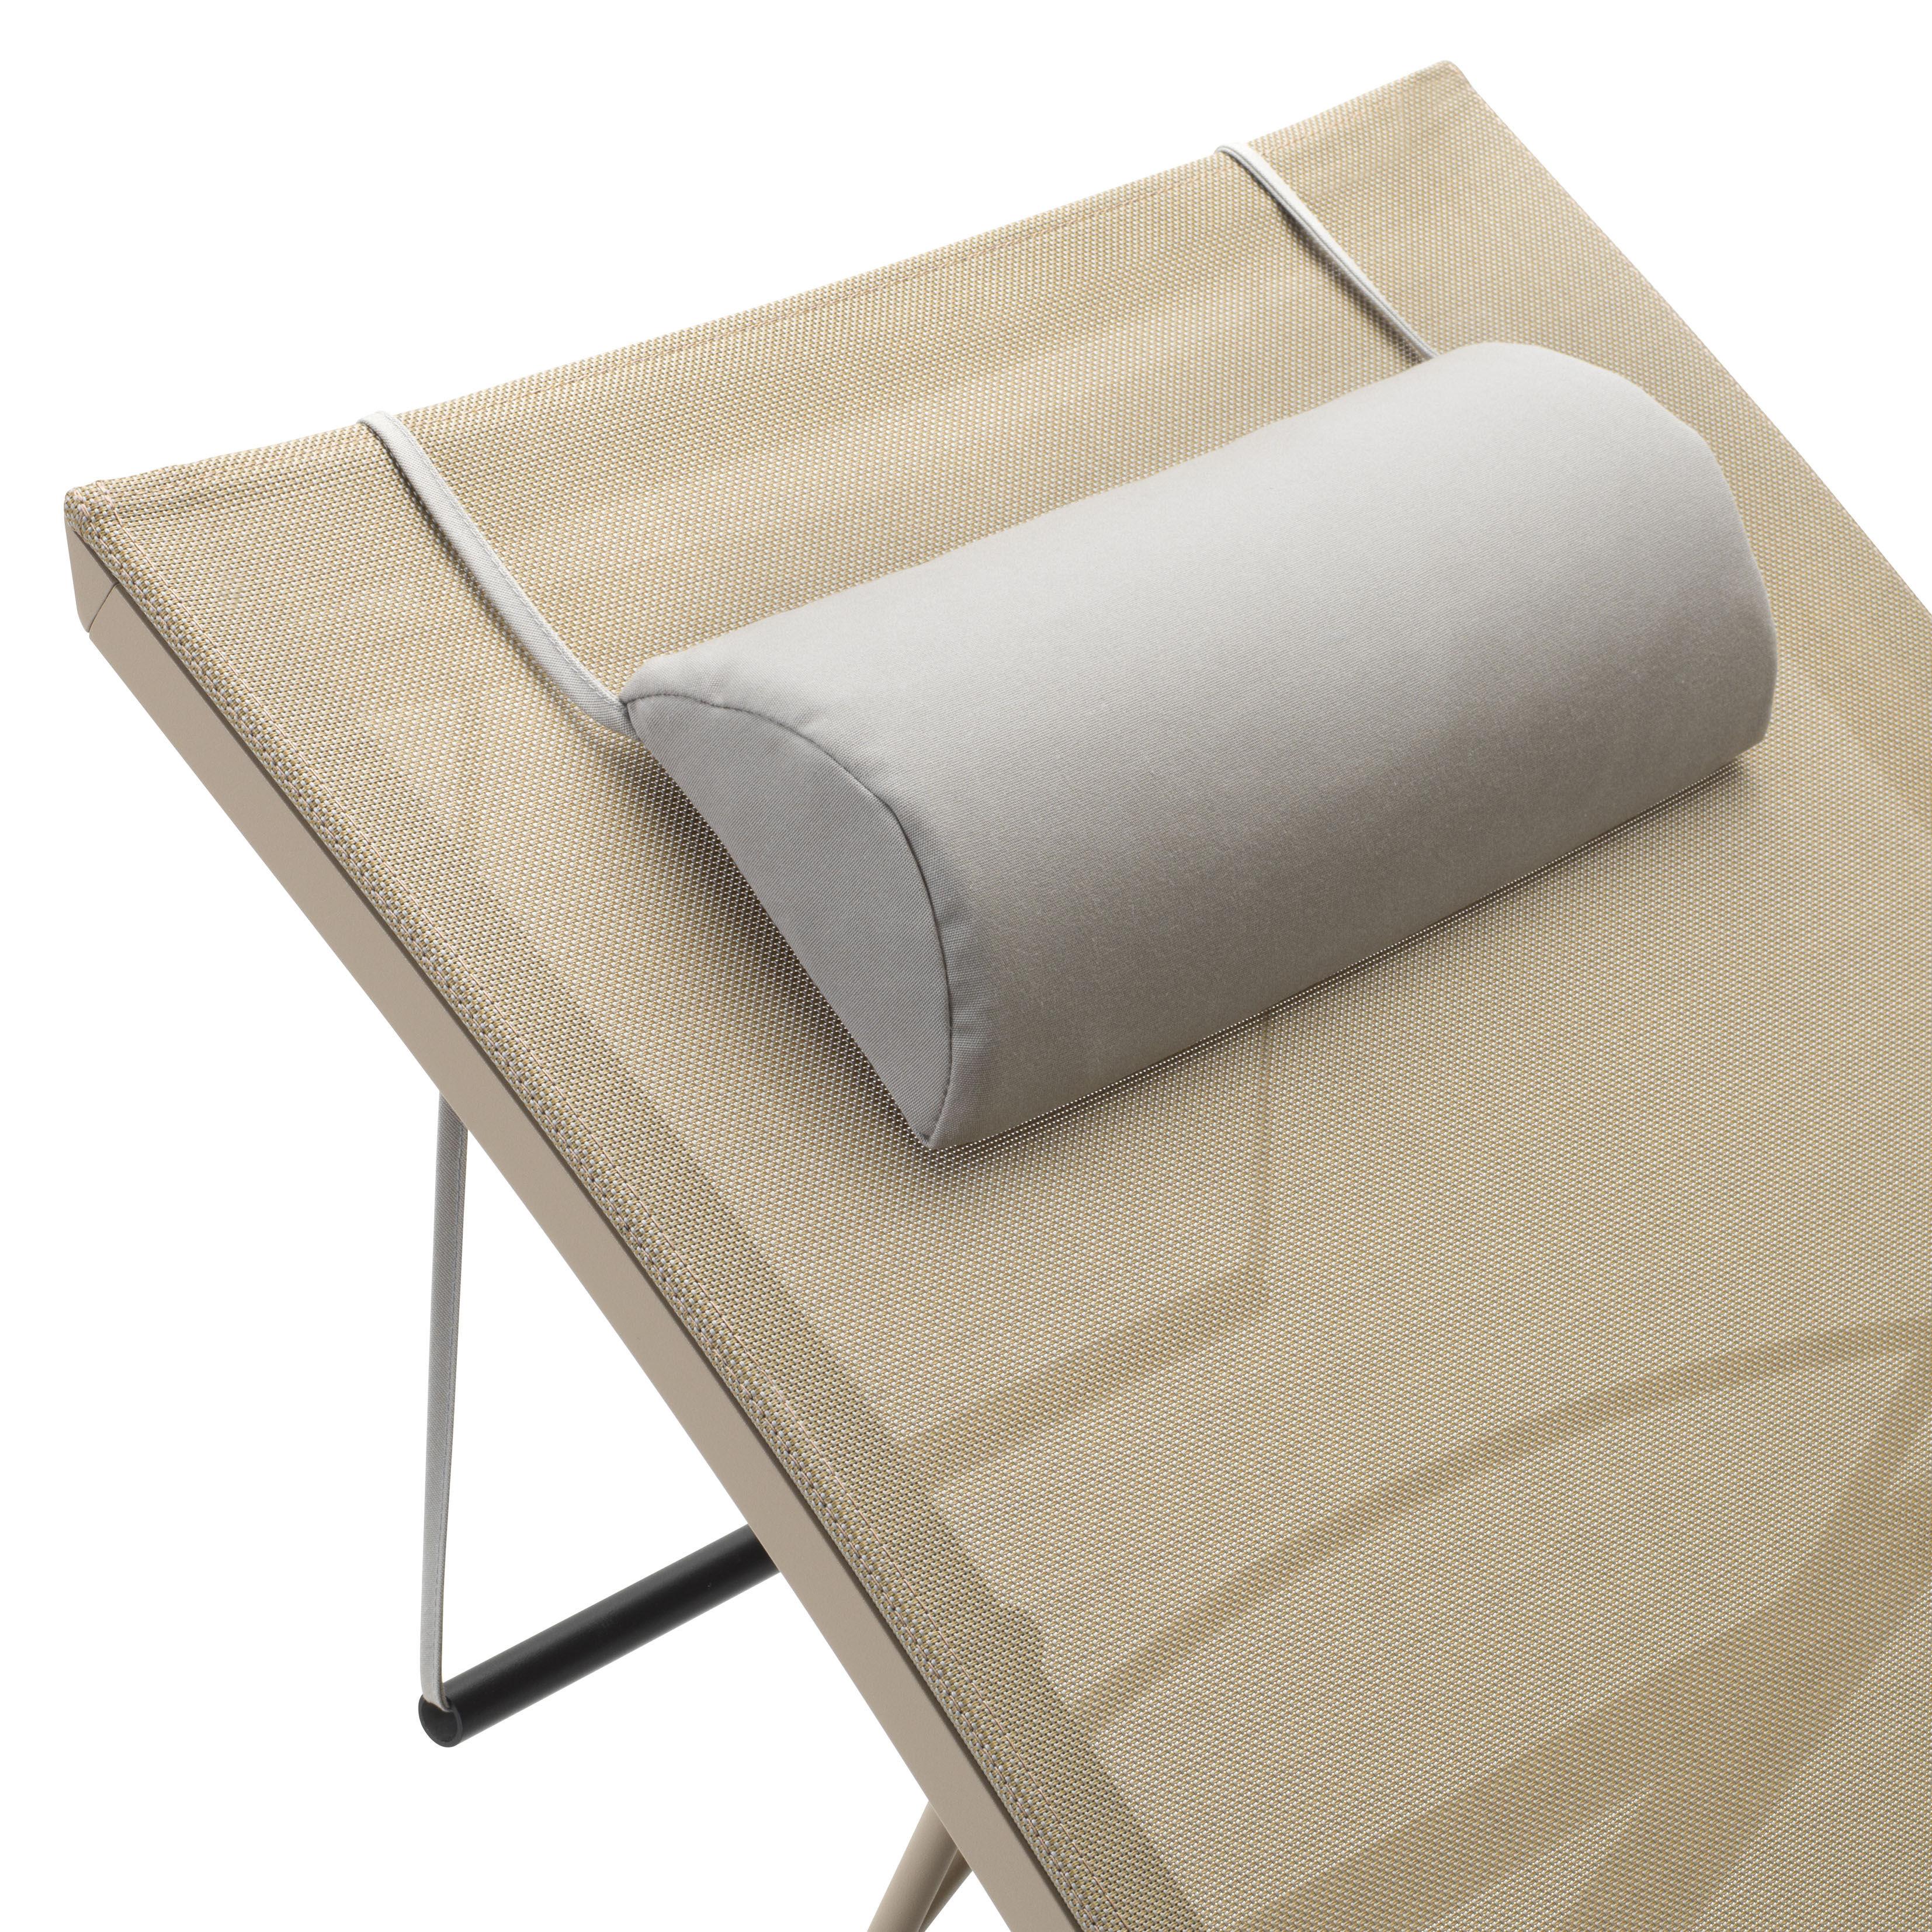 Outdoor - Chaises longues et hamacs - Appui-tête / Pour bains de soleil Dune et Alizé - Fermob - Gris cailloux - Mousse, Tissu Sunbrella